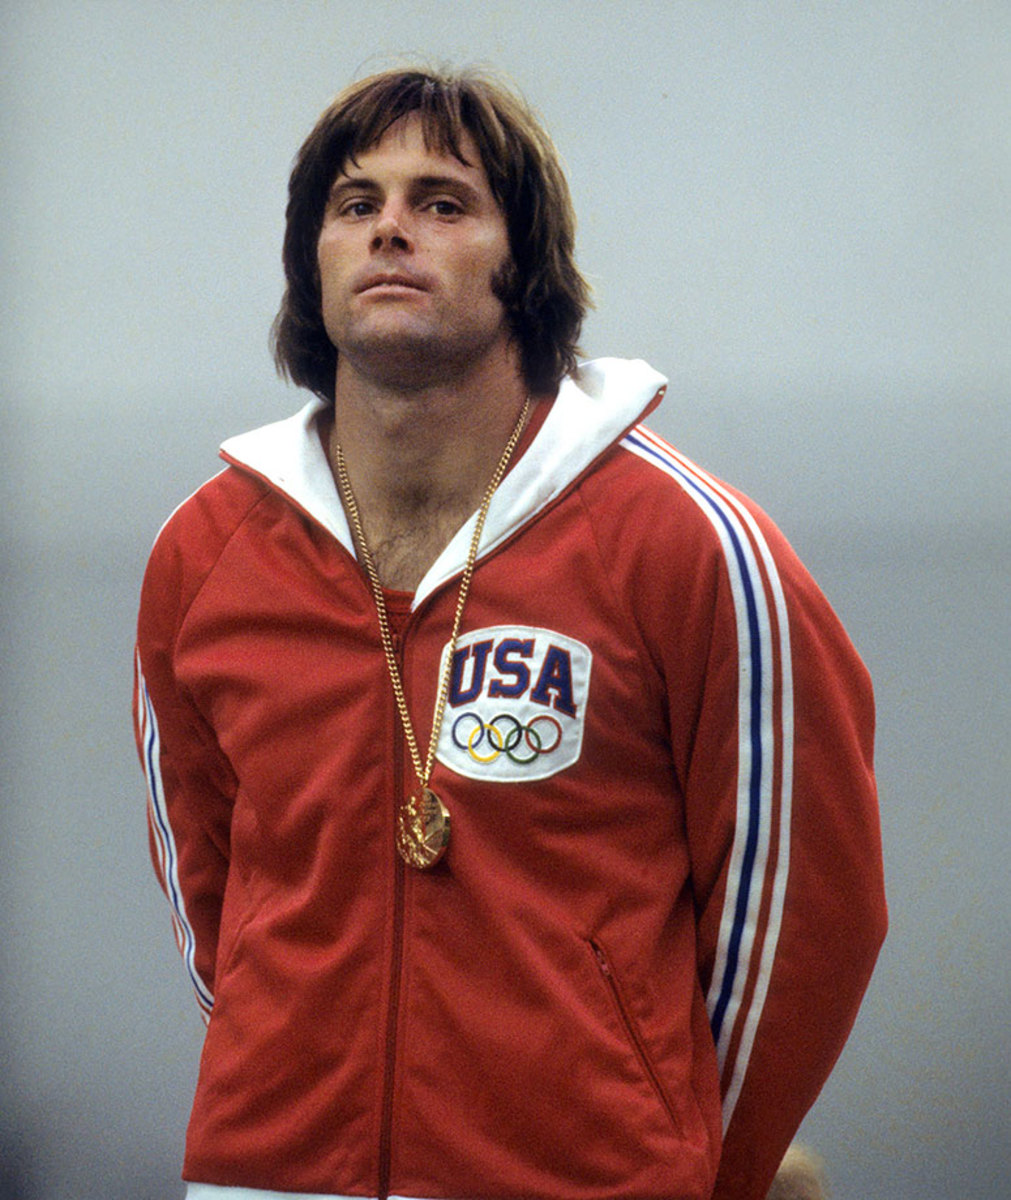 1976-0730-Bruce-Jenner-Decathlon-gold-medal-090002593.jpg